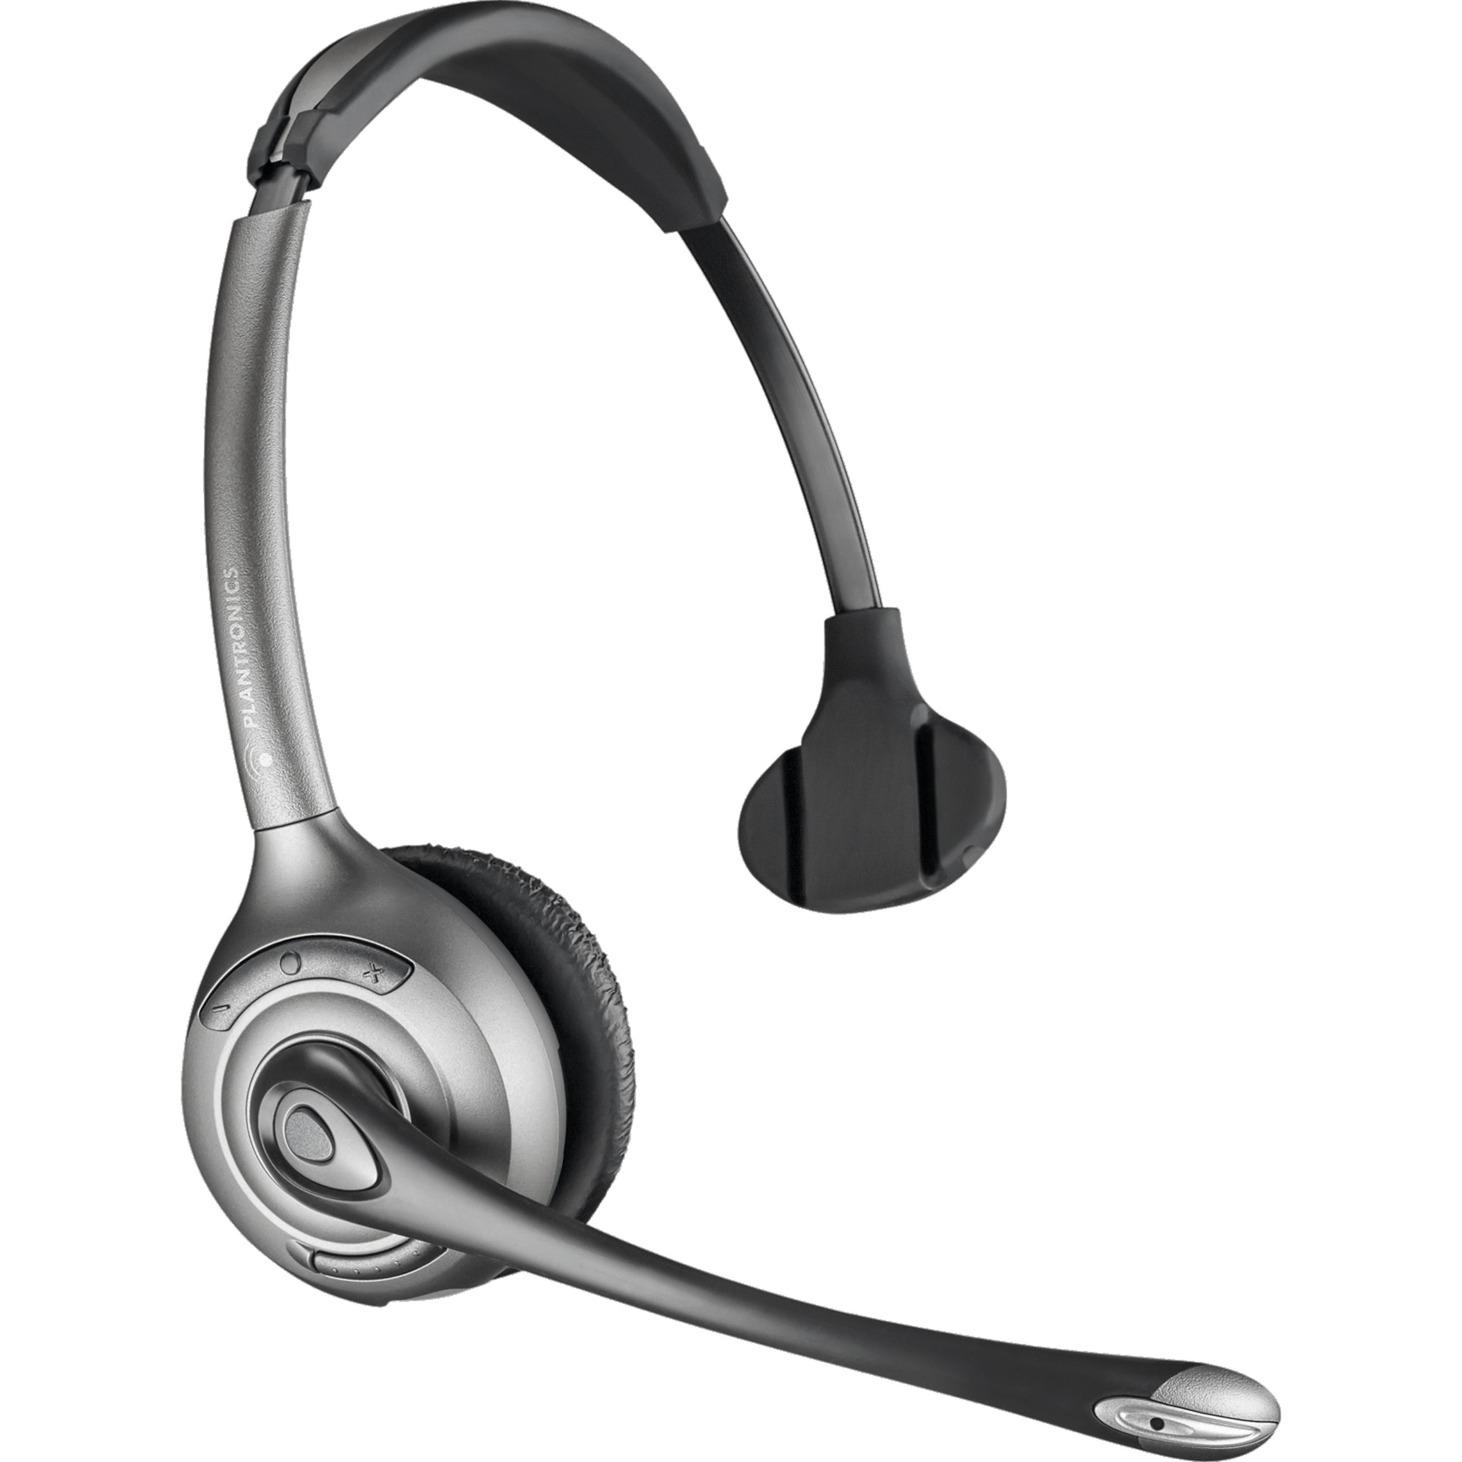 WH300/A Savi OTH Dect Monophonique Bandeau Noir Casque audio, Casque d'écoute